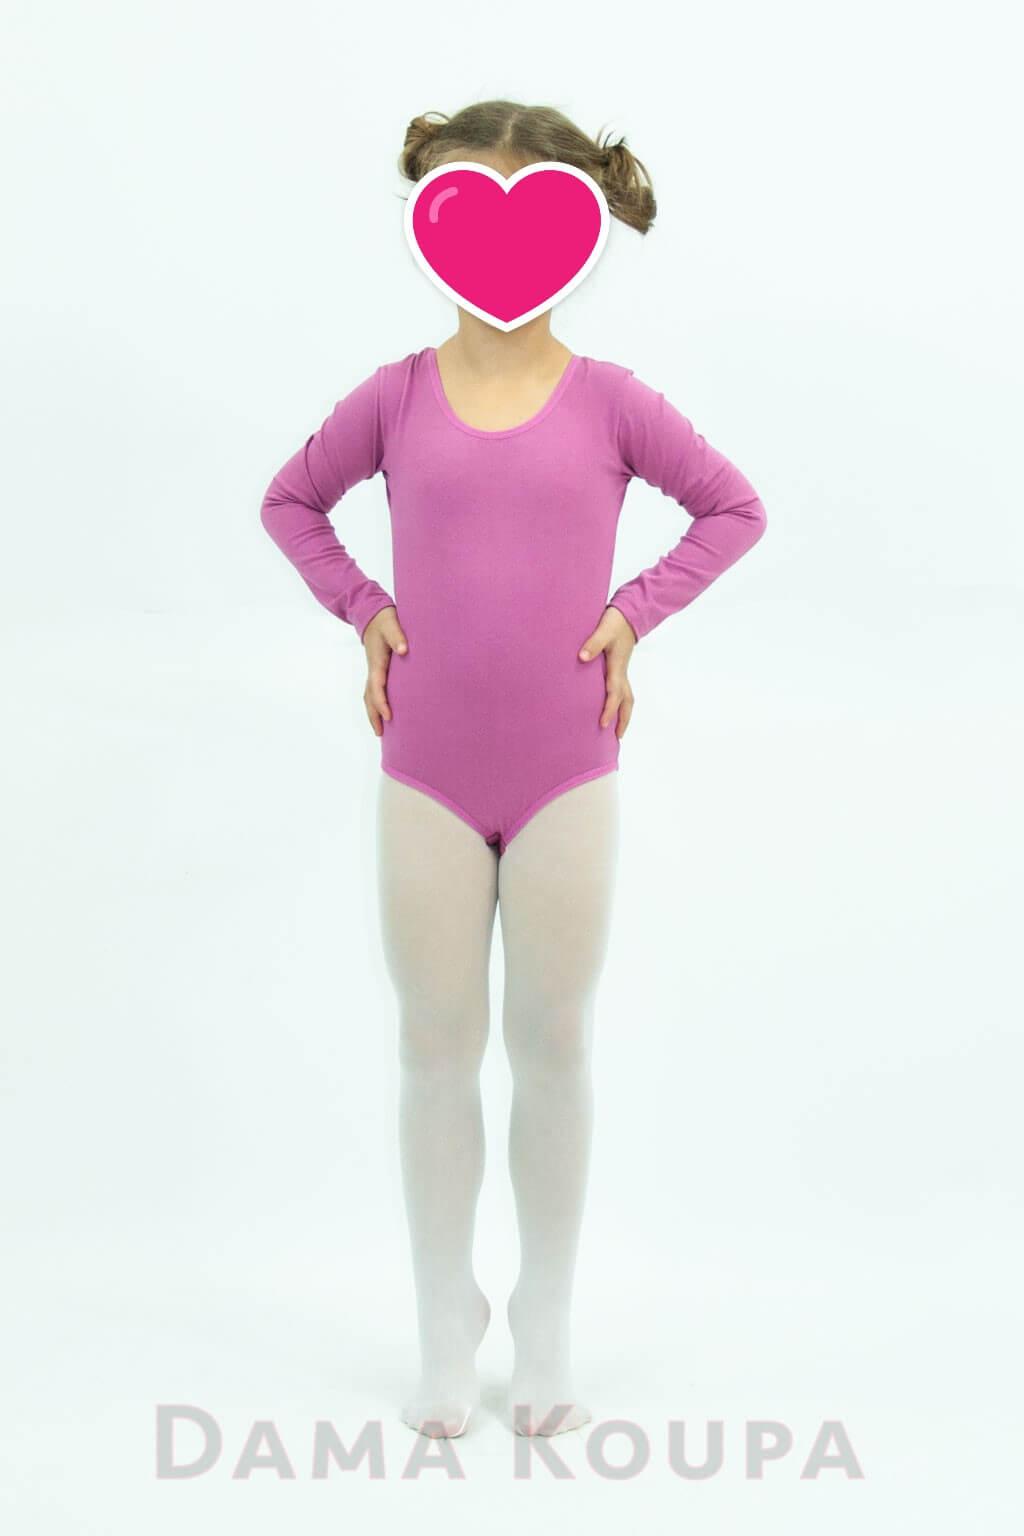 e59f03140a4 Κορμάκι μακρυμάνικο για παιδί ροζ σε βαμβακολύκρα Dama Koupa